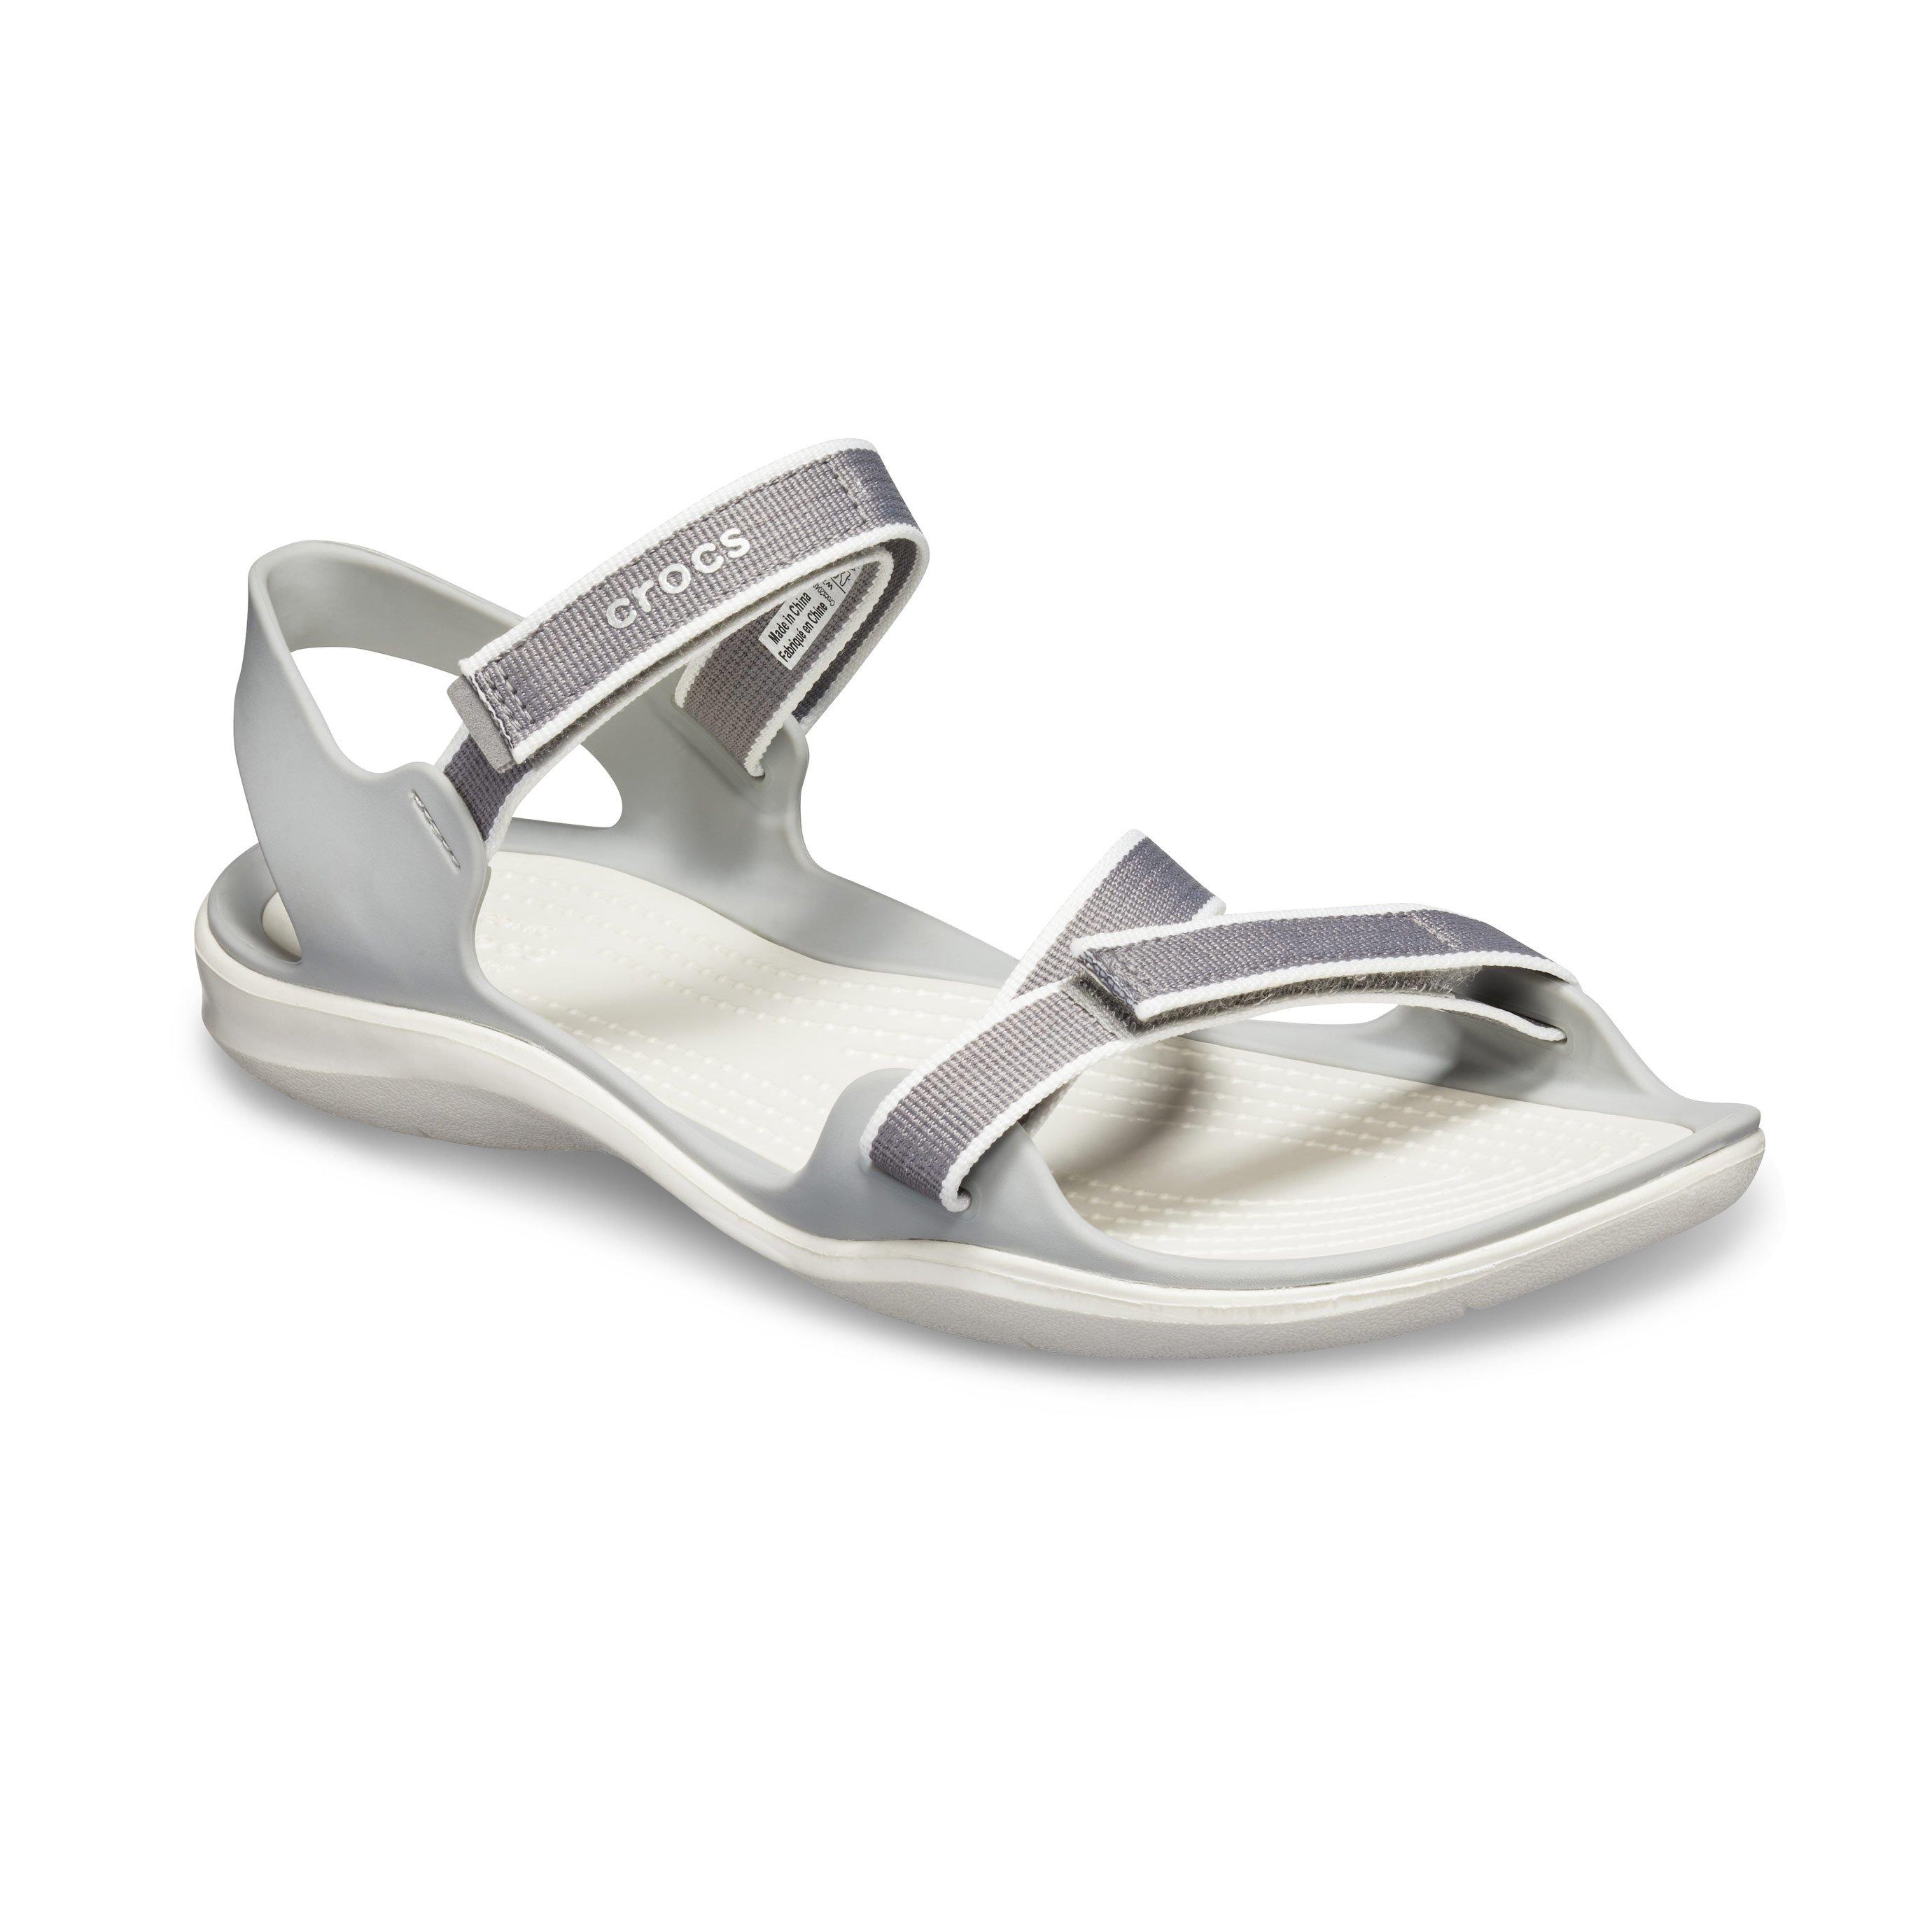 Crocs Swiftwater Webbing Sandal - סנדל שטוח בצבע אפורלבן עם רצועות מתכווננות